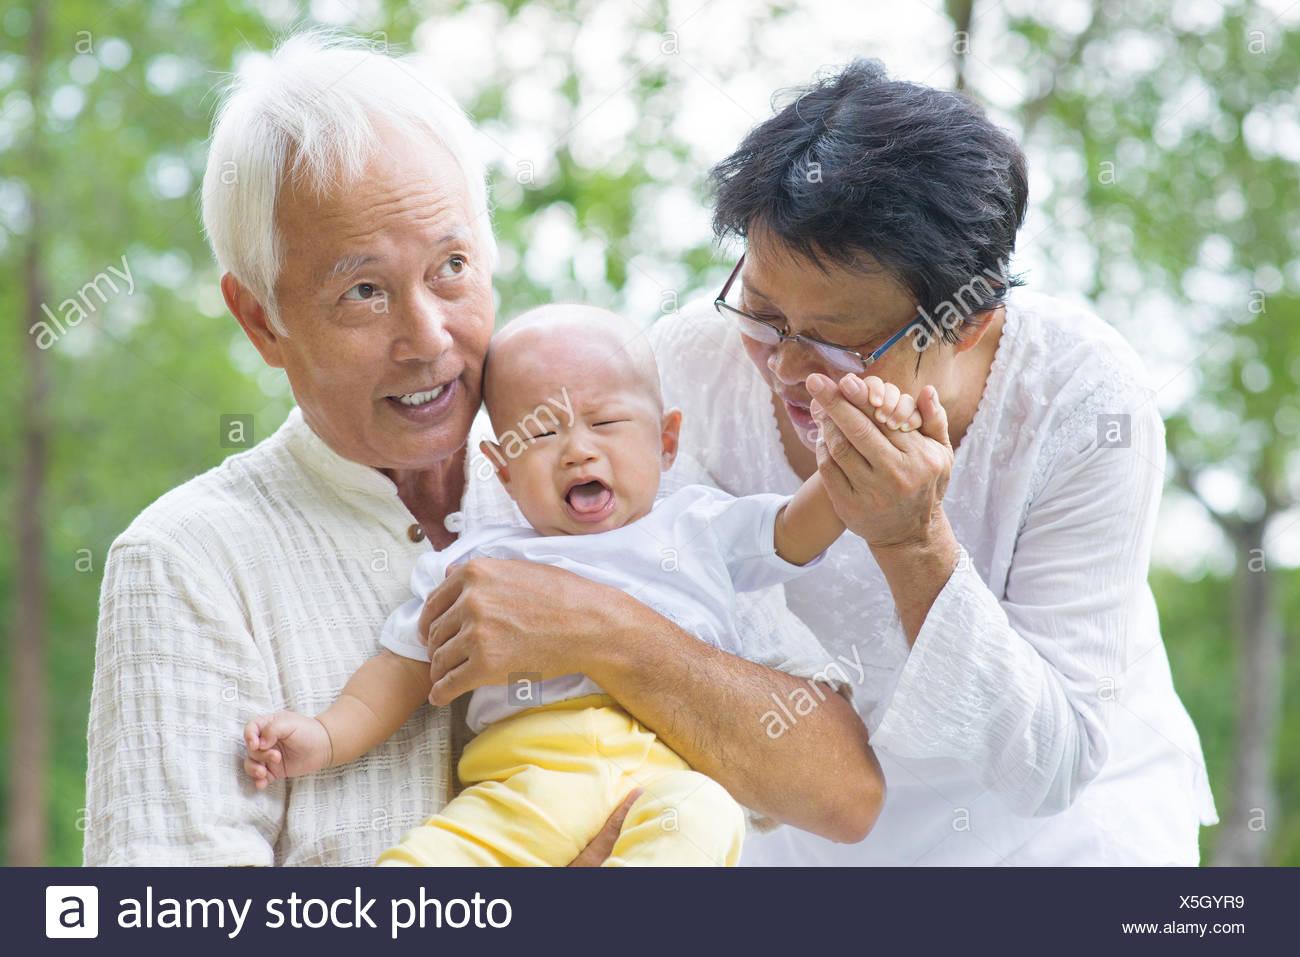 Bébé qui pleure asiatique réconfortés par les grands-parents au jardin extérieur Photo Stock